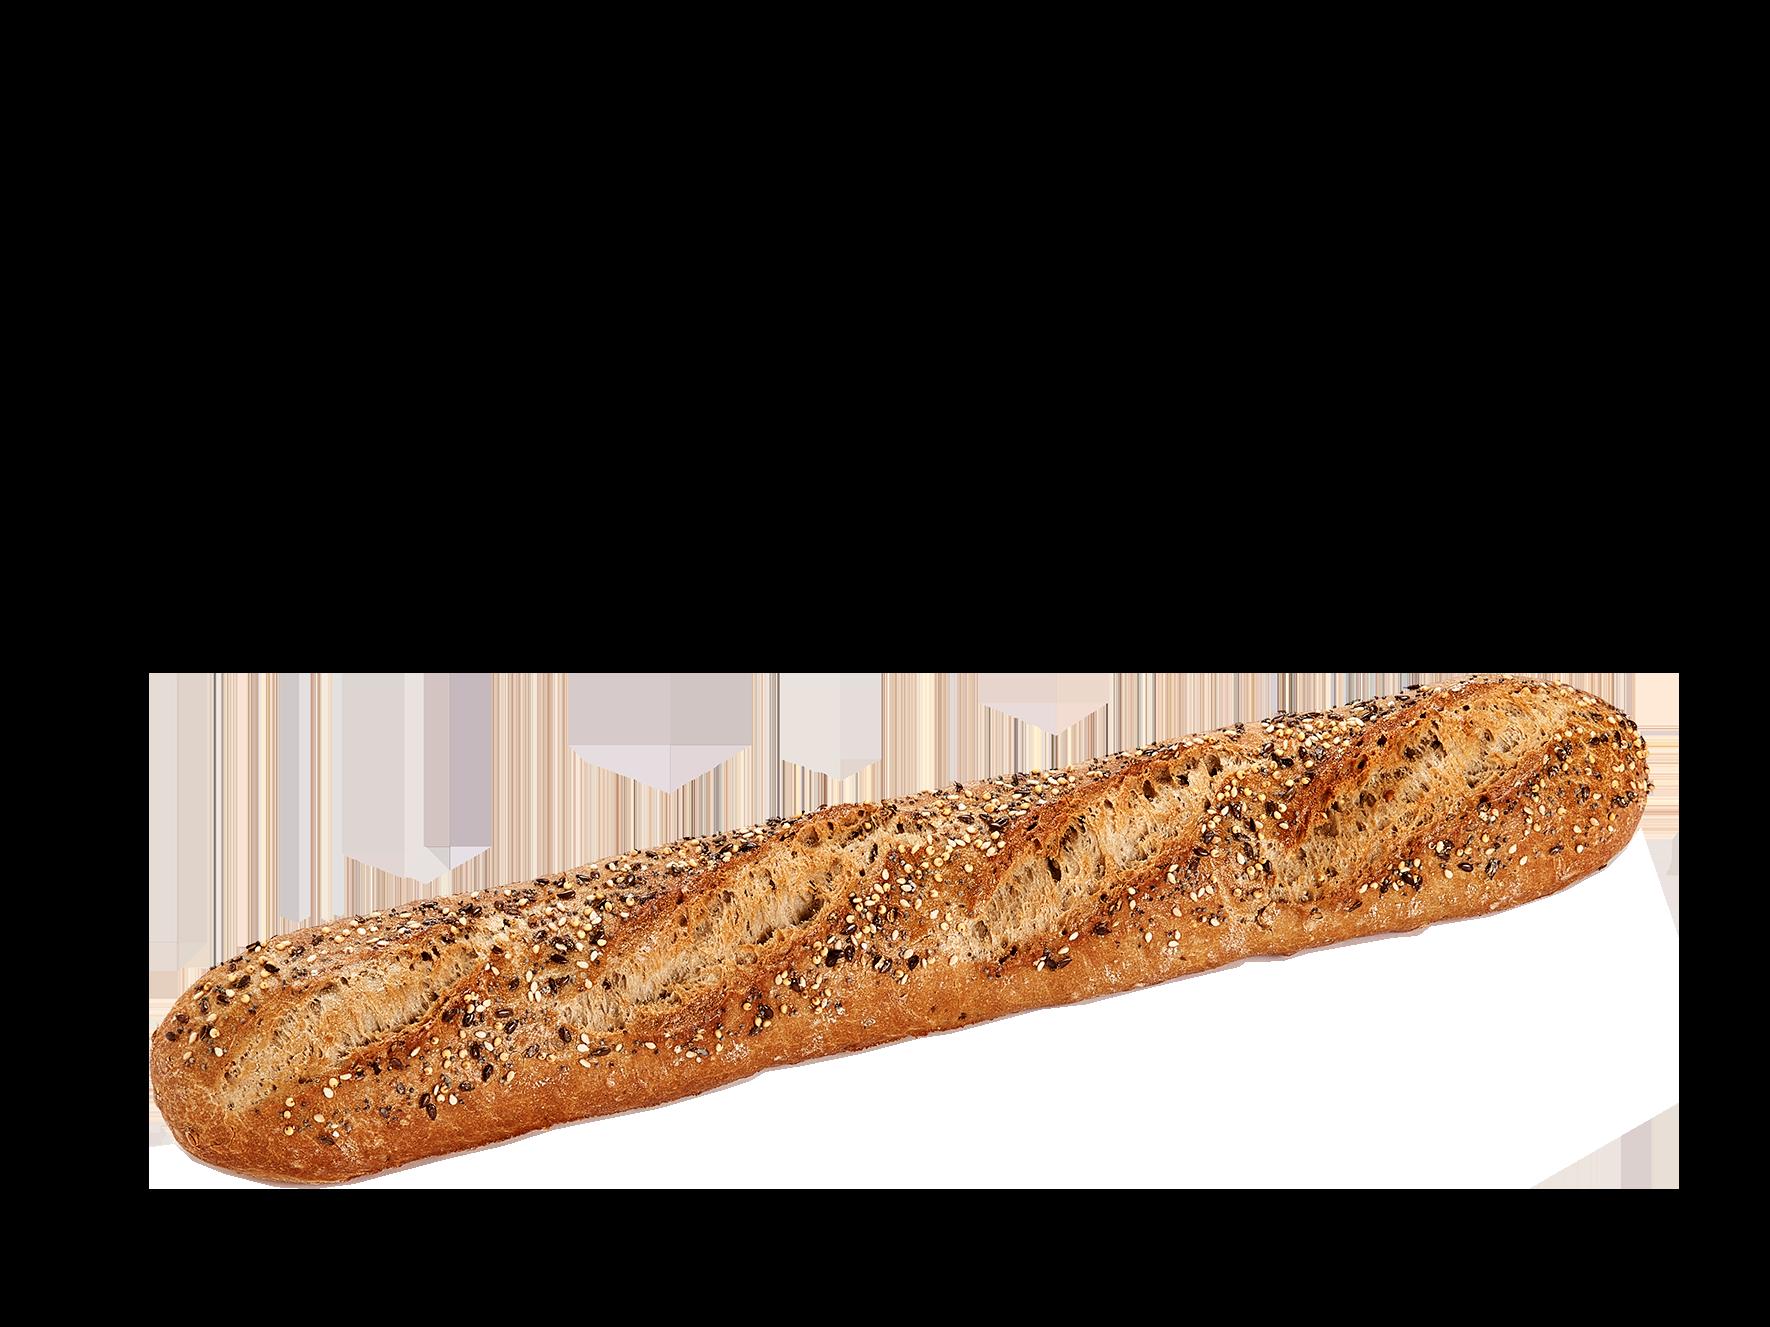 Baguette céréales précuite au four à pierre – Topping céréales - Menissez